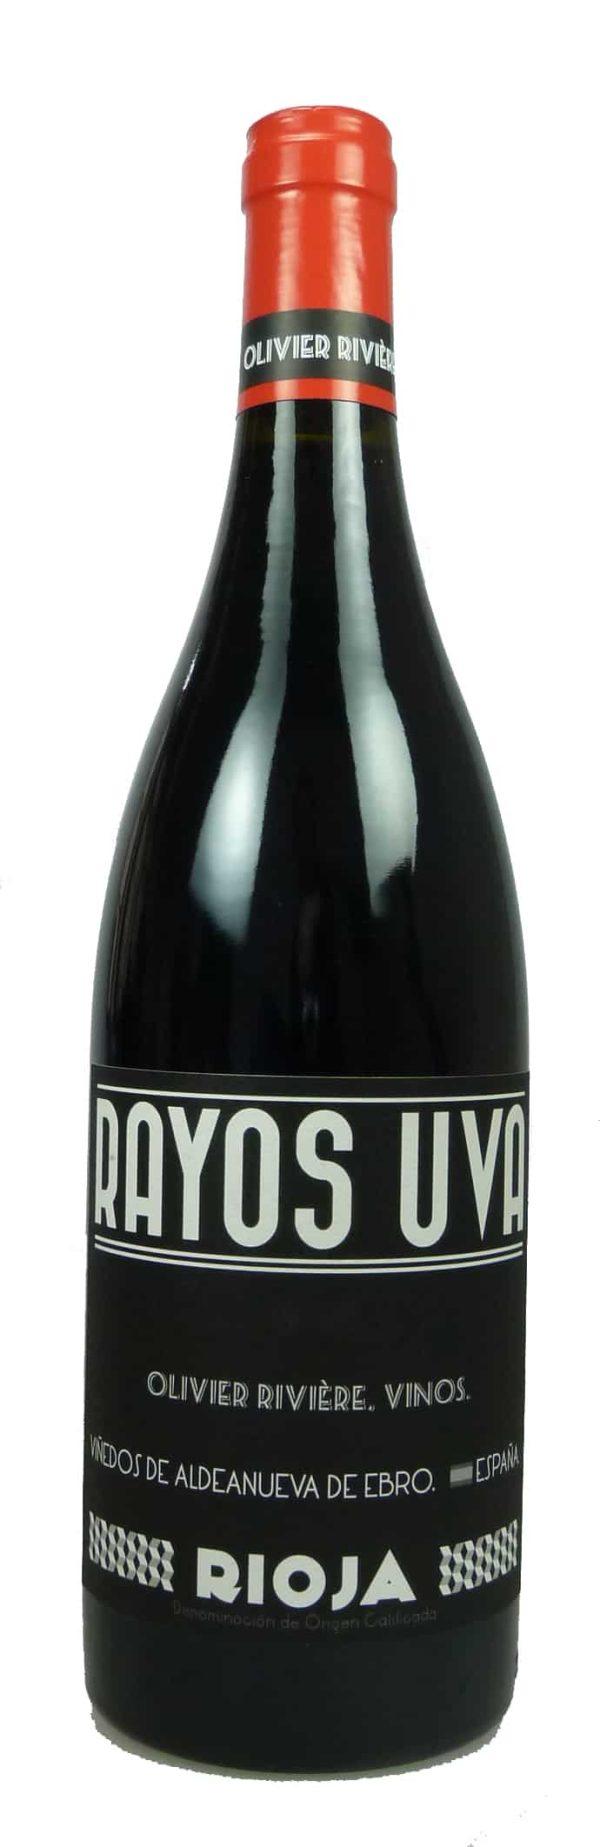 Rayos Uva Rioja 2018